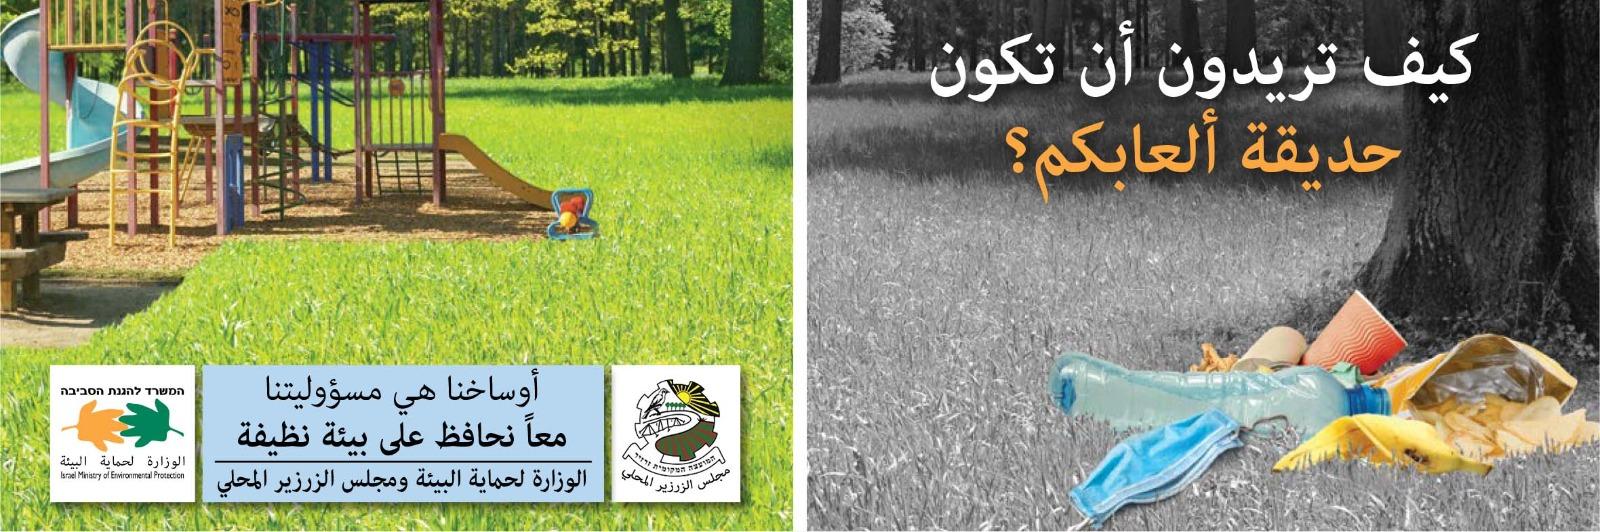 دعوة للمشاركة بيوم النظافة الوطني